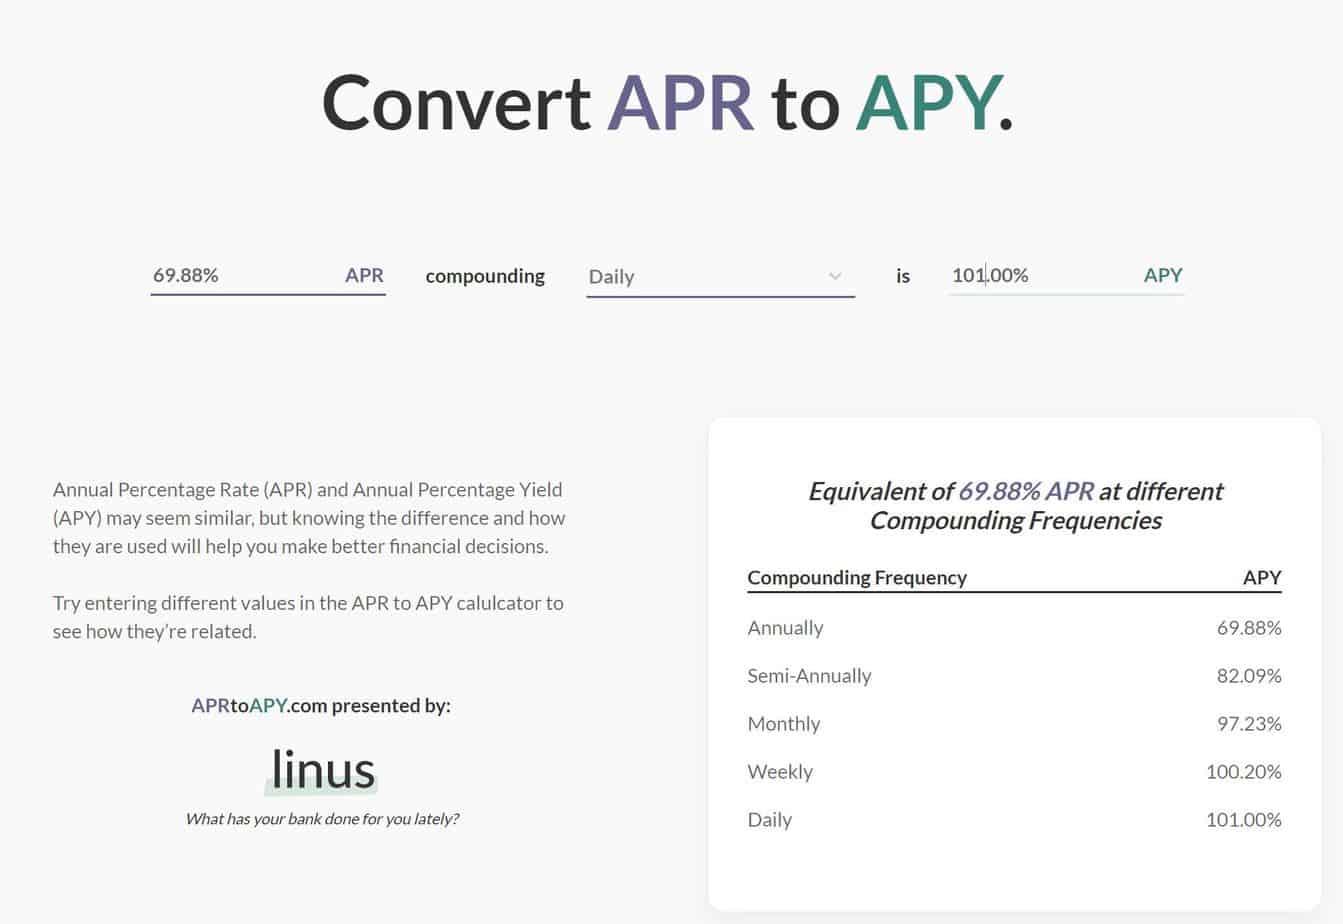 Unterschied zwischen APY und APR